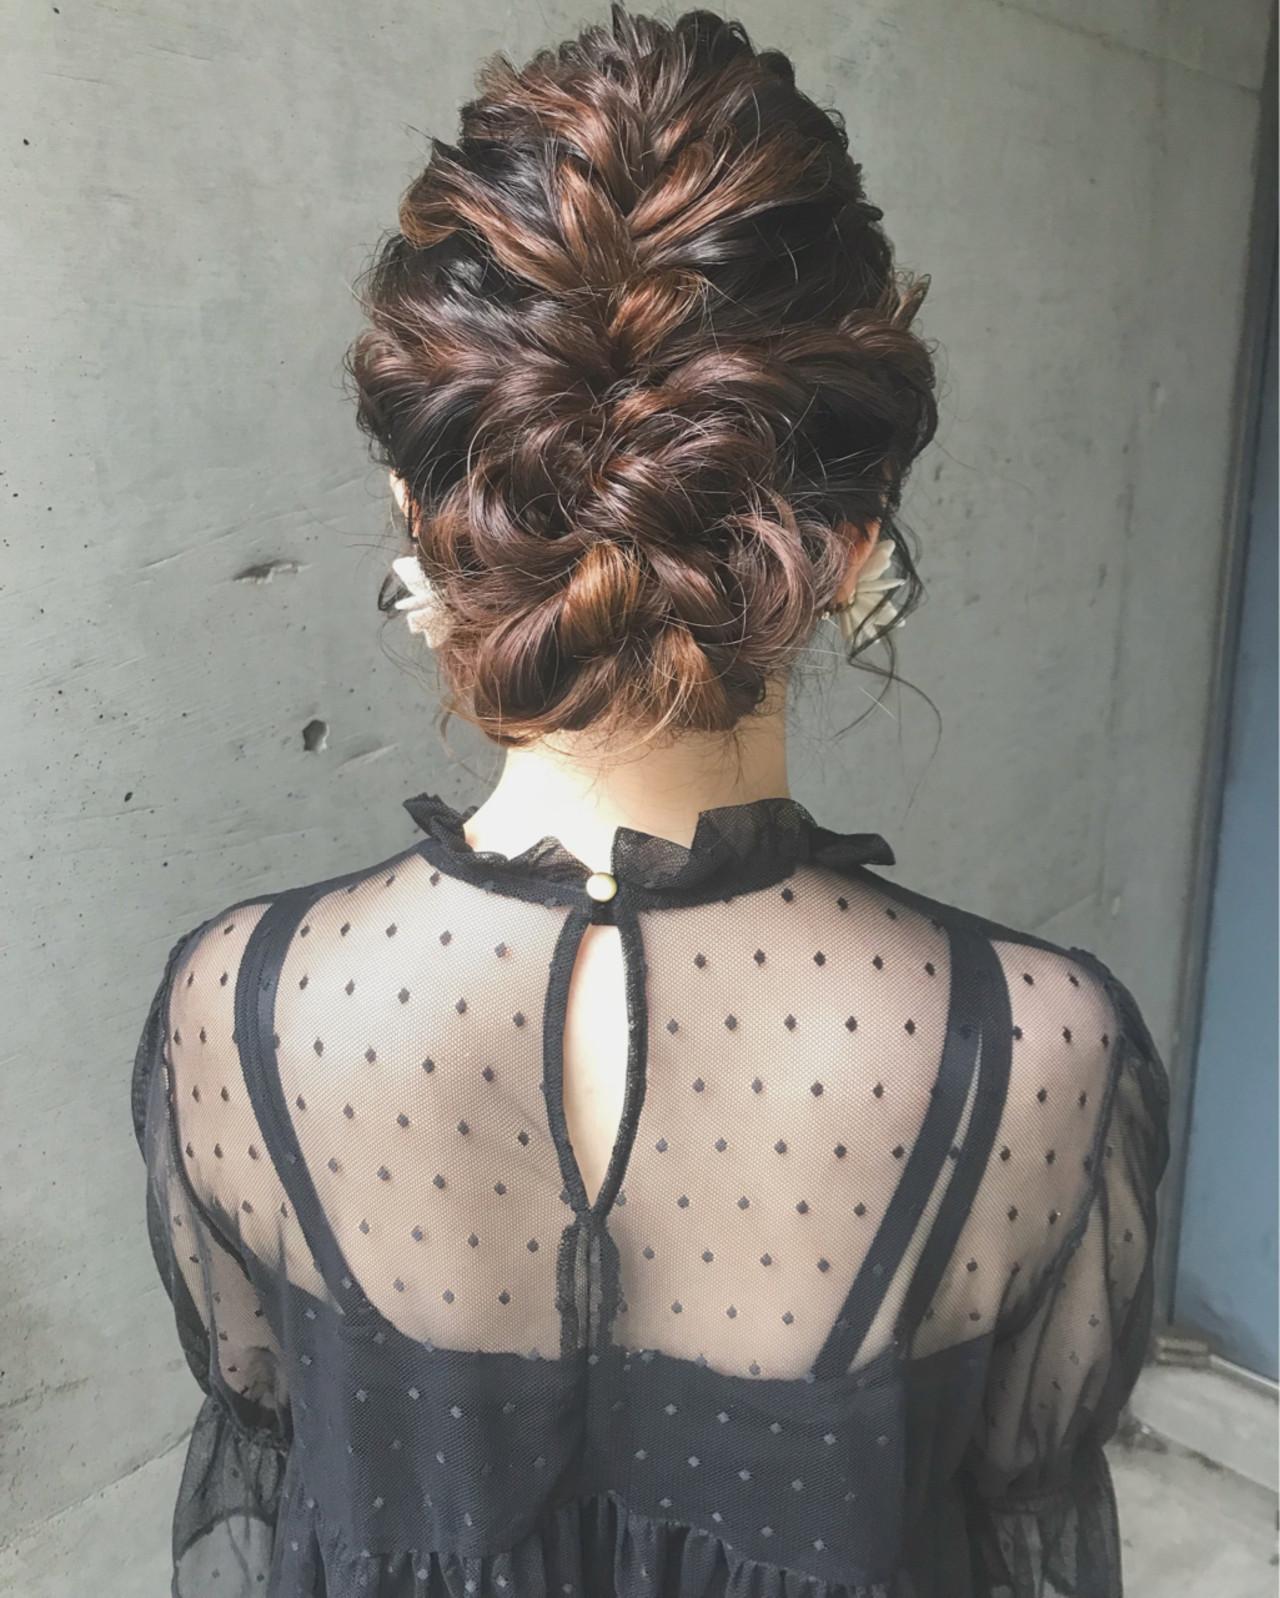 結婚式 ボブ フェミニン アップスタイル ヘアスタイルや髪型の写真・画像 | ♡ m i w a ♡schritt渋谷 / schritt (シュリット)渋谷